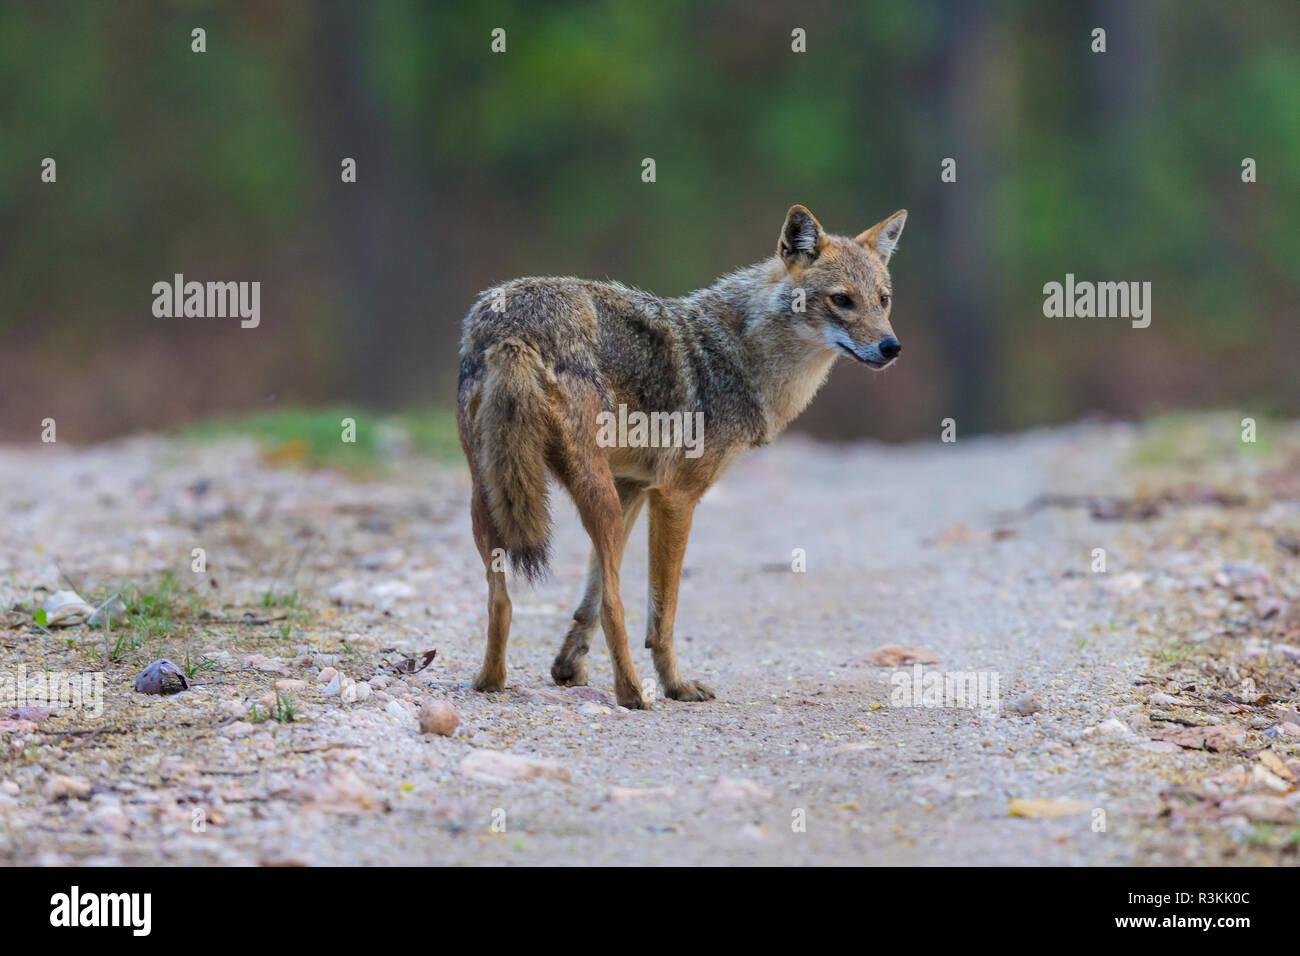 L'Inde. Indian Jackal (Canis aureus indicus) à la réserve de tigres de Kanha. Banque D'Images